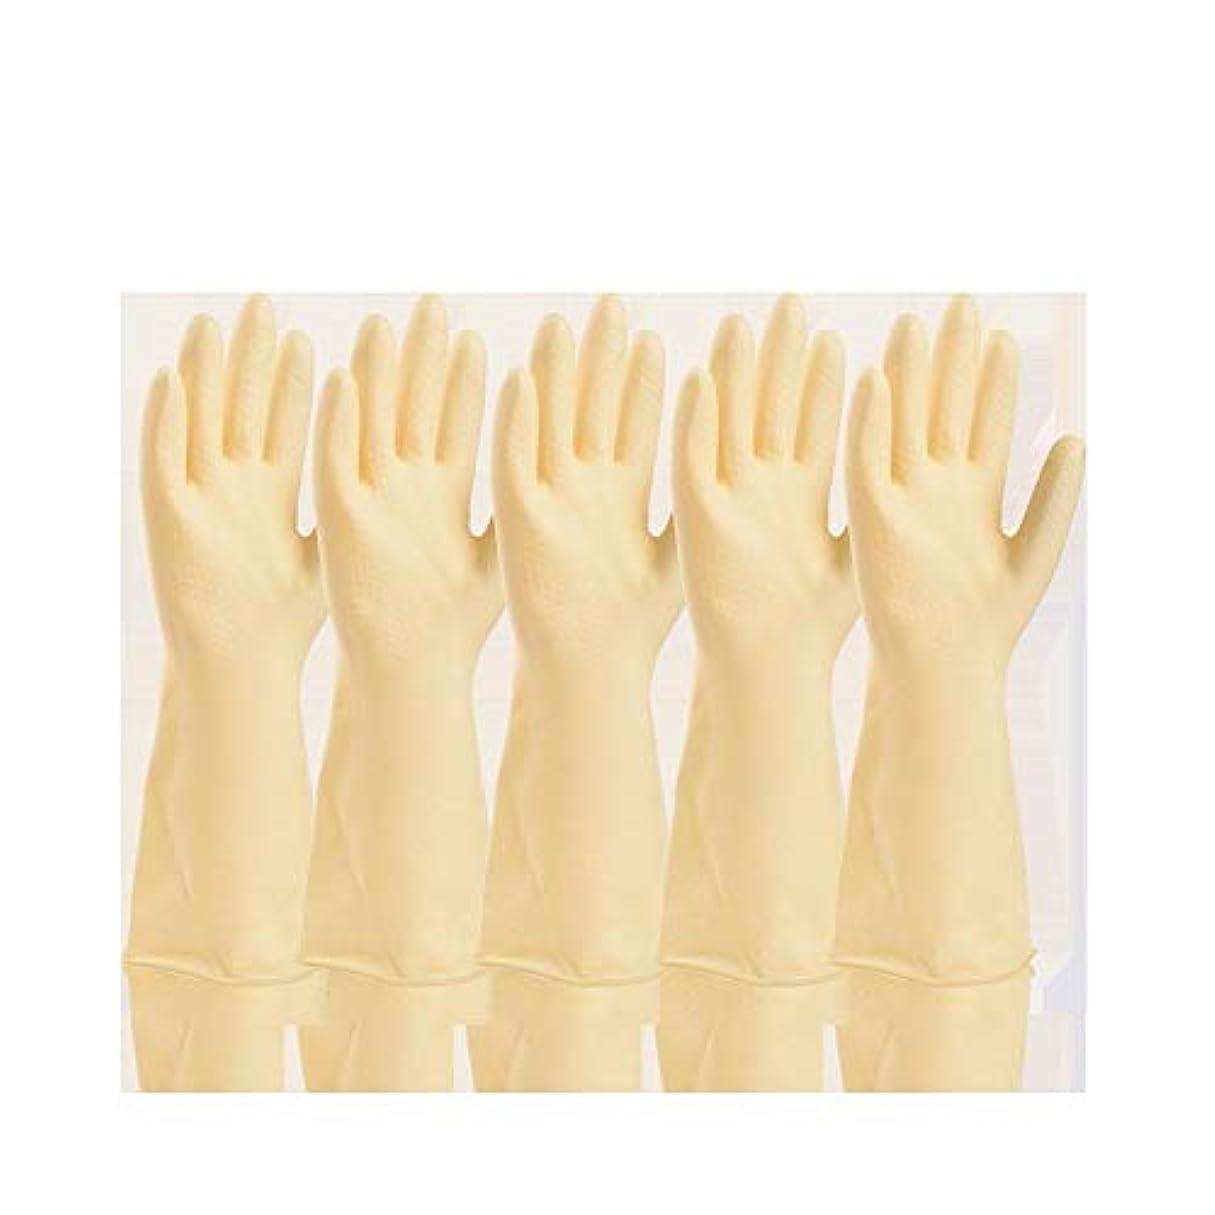 アストロラーベ特性図ニトリルゴム手袋 工業用手袋厚手のプラスチック製保護用耐水性防水ラテックス手袋、5ペア 使い捨て手袋 (Color : White, Size : L)